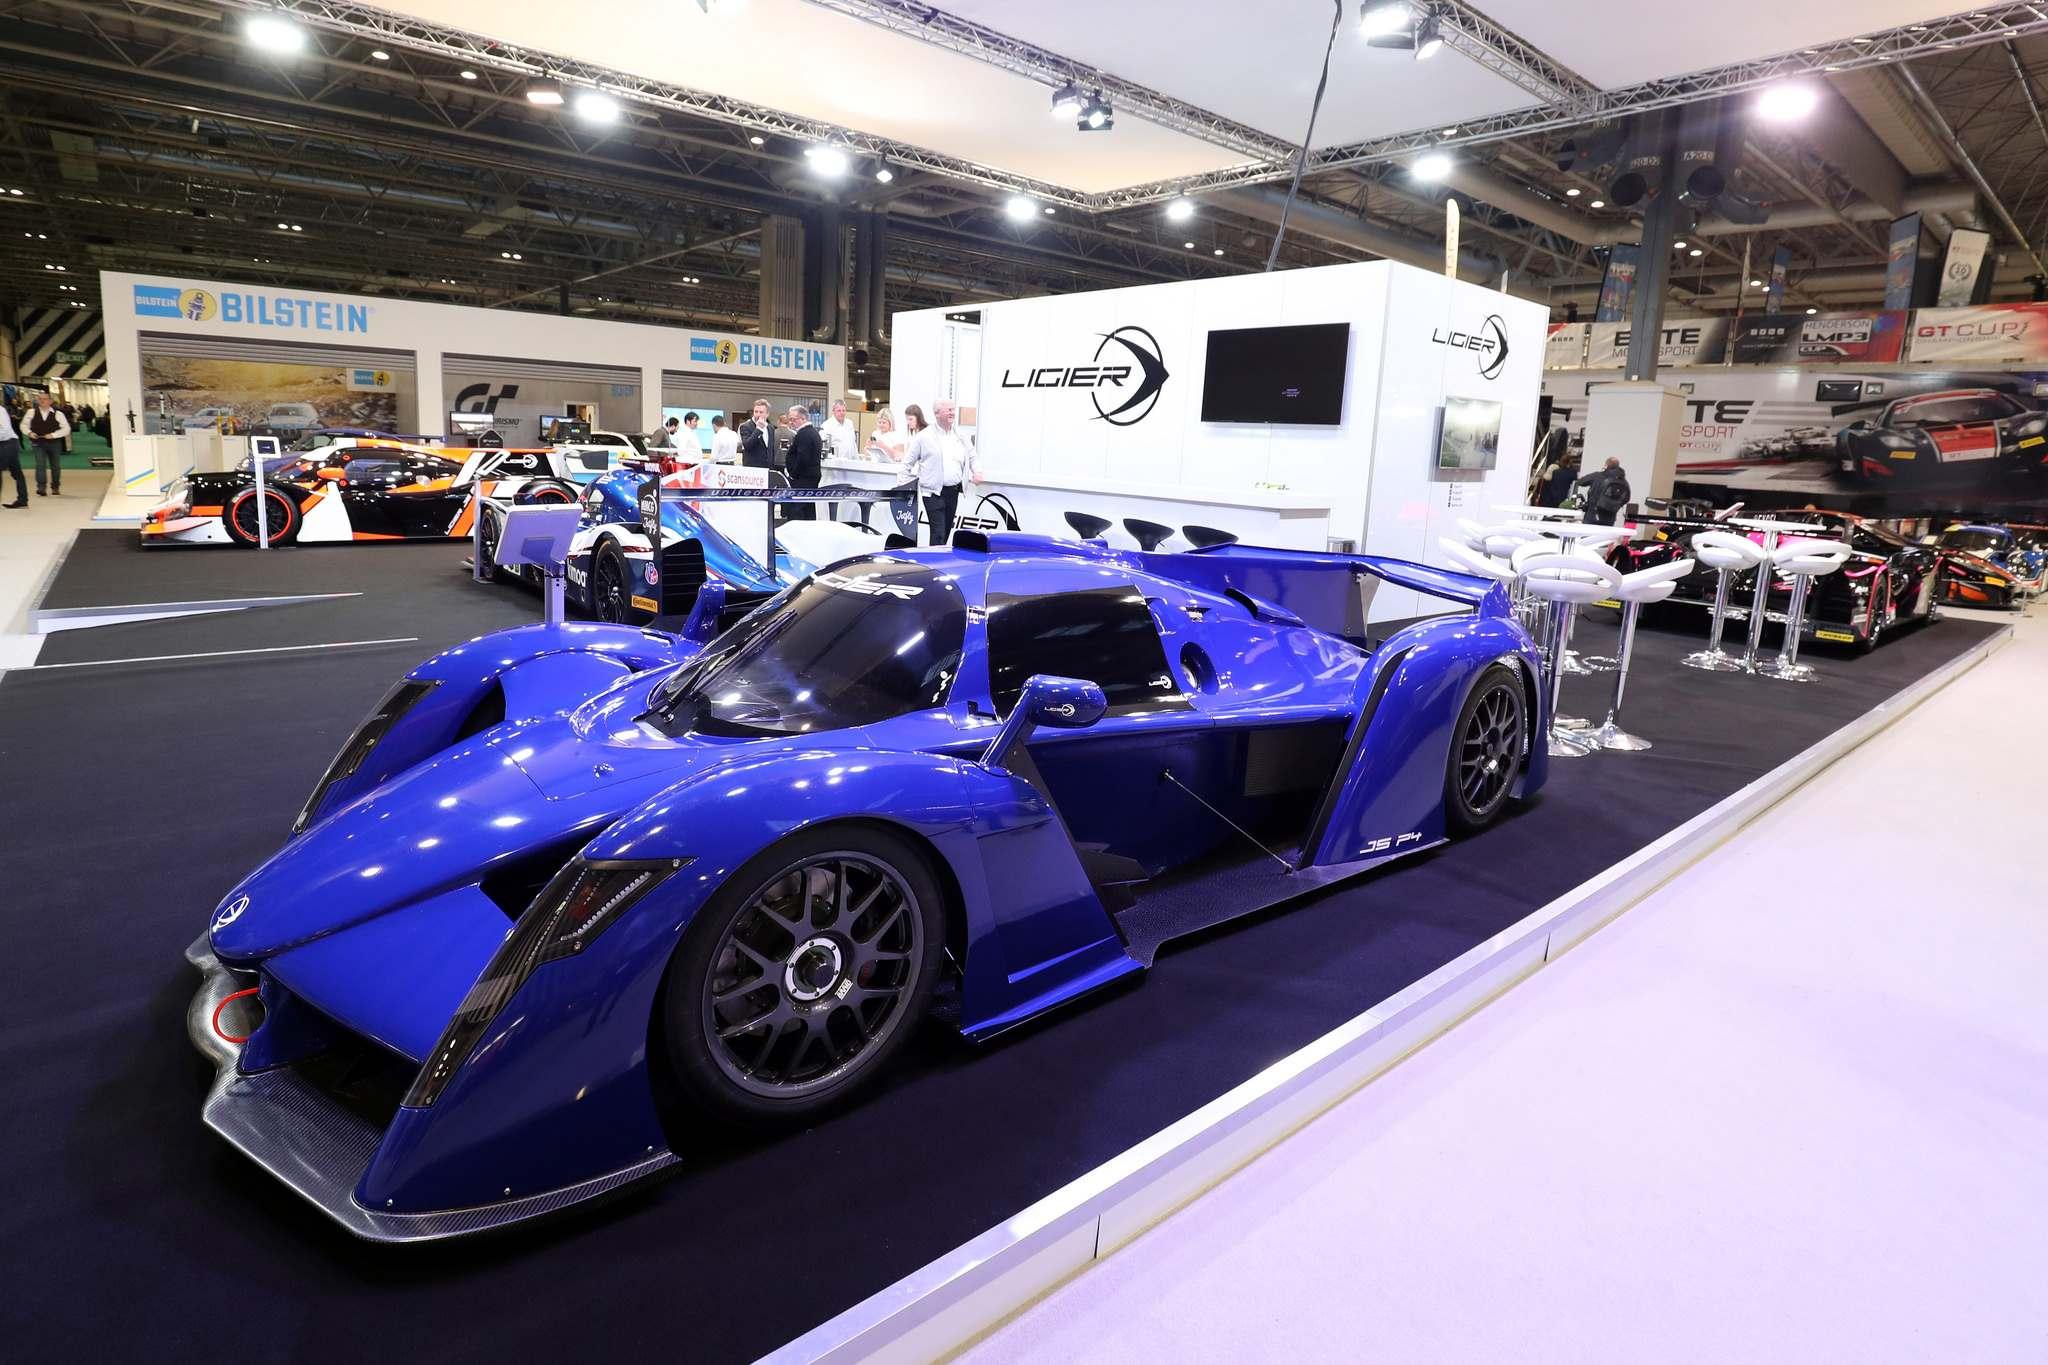 ligier 201815 Ligier at Autosport International Show 2018